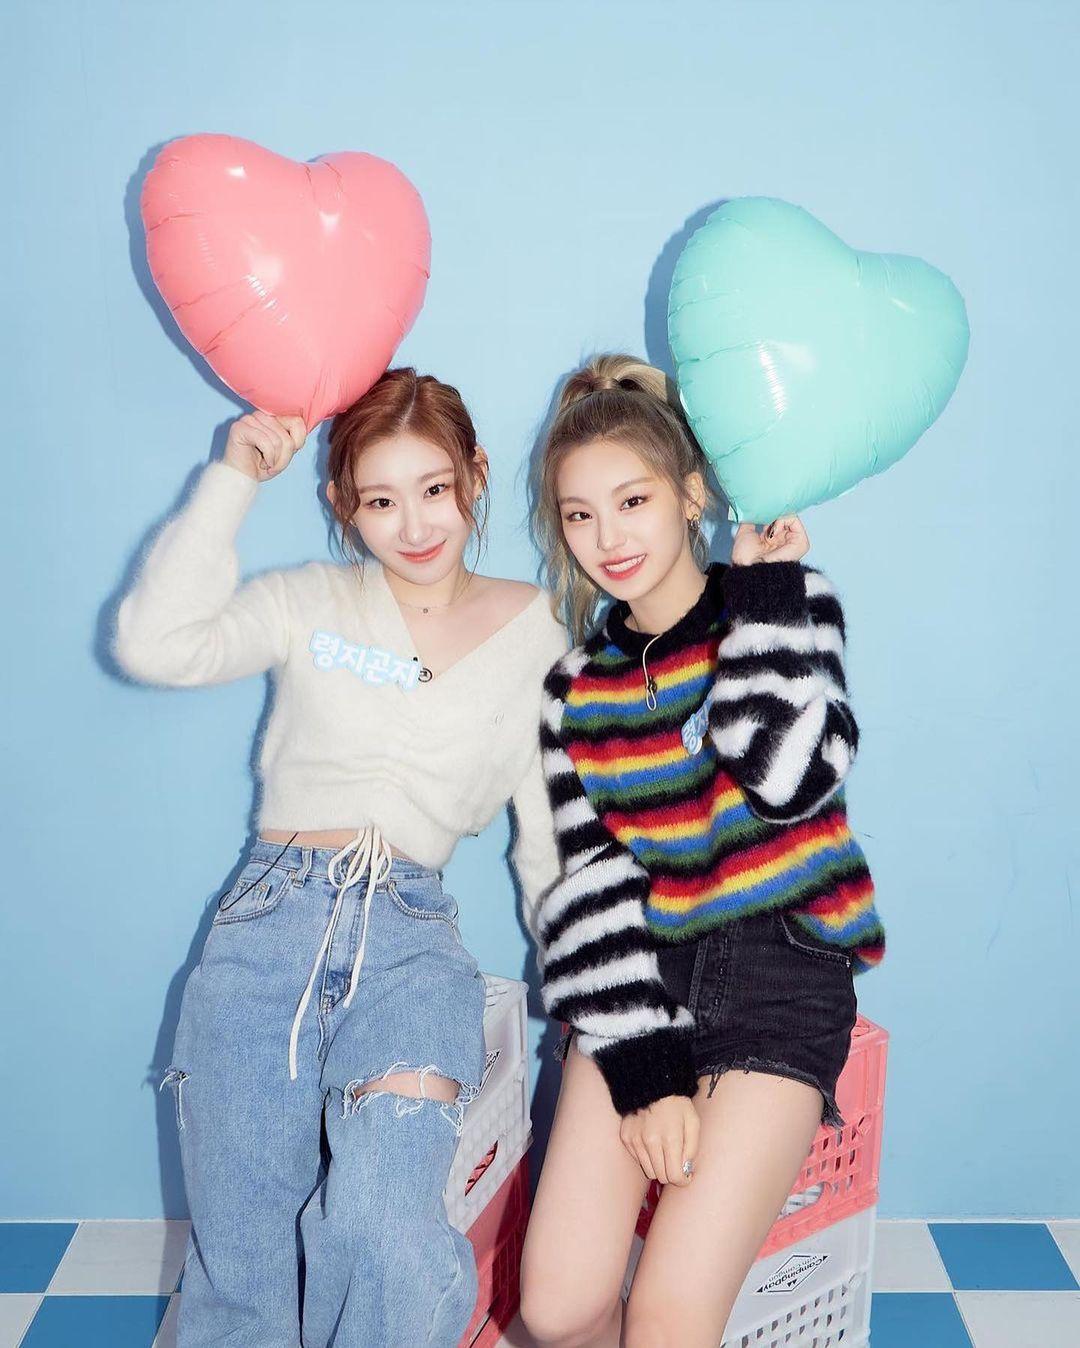 K-POPアイドルが良く着ている可愛いブランドはここ!インスタグラマーが立ち上げた「X2」が可愛すぎ^^